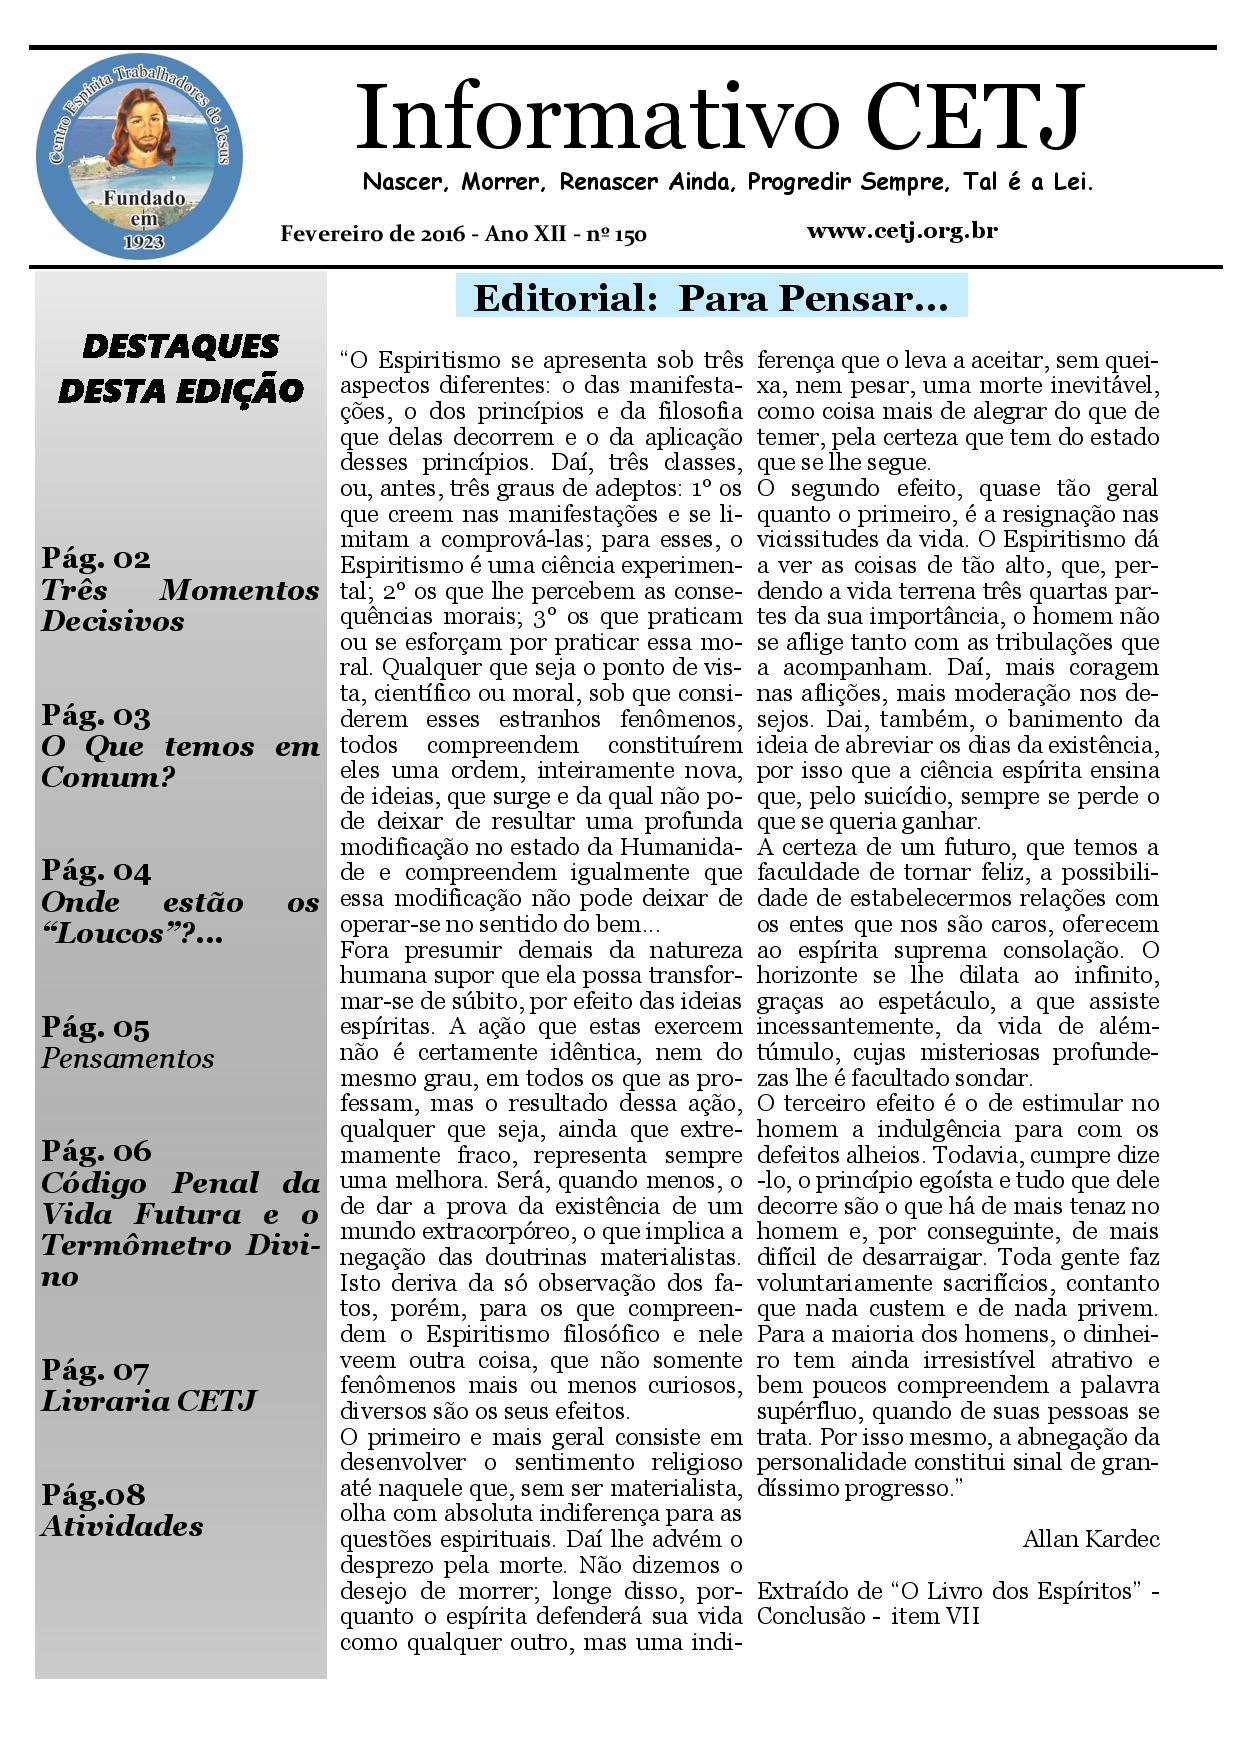 Informativo fevereiro de 2016_net-page-001